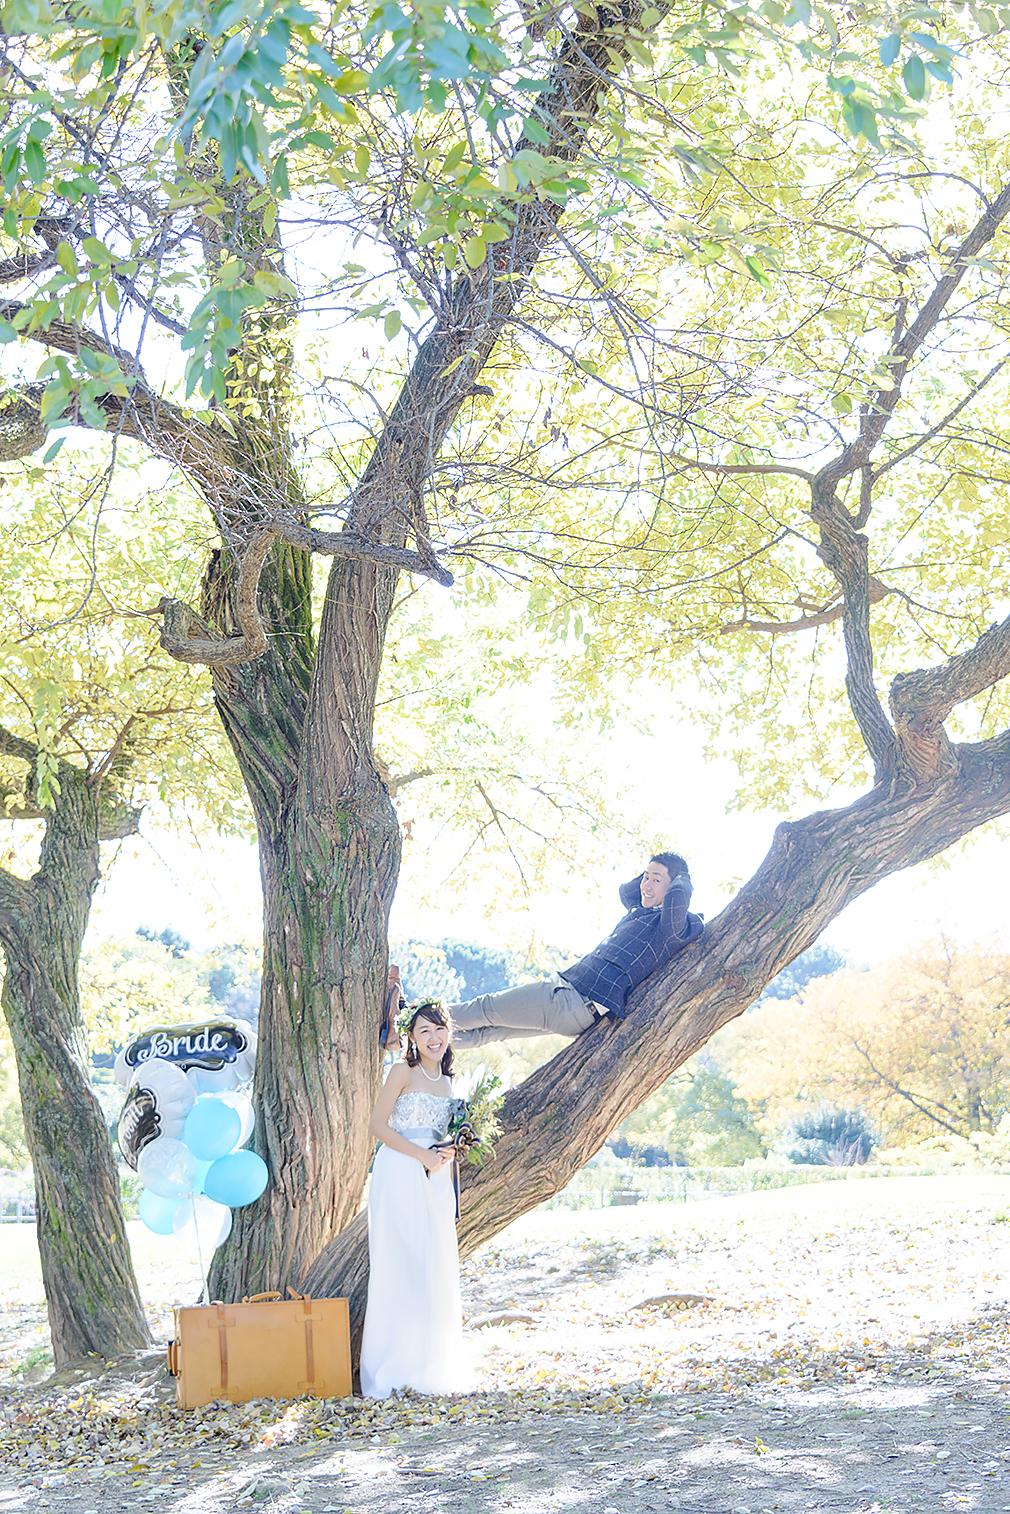 出張撮影・ロケーションフォト・結婚式前撮り・ホームページ制作・グラフィックデザイン制作・アルバムデザイン制作を西宮・神戸・大阪・芦屋・宝塚中心に行っているLighthouse Photoのブログ「前撮りロケーションフォト」の写真18